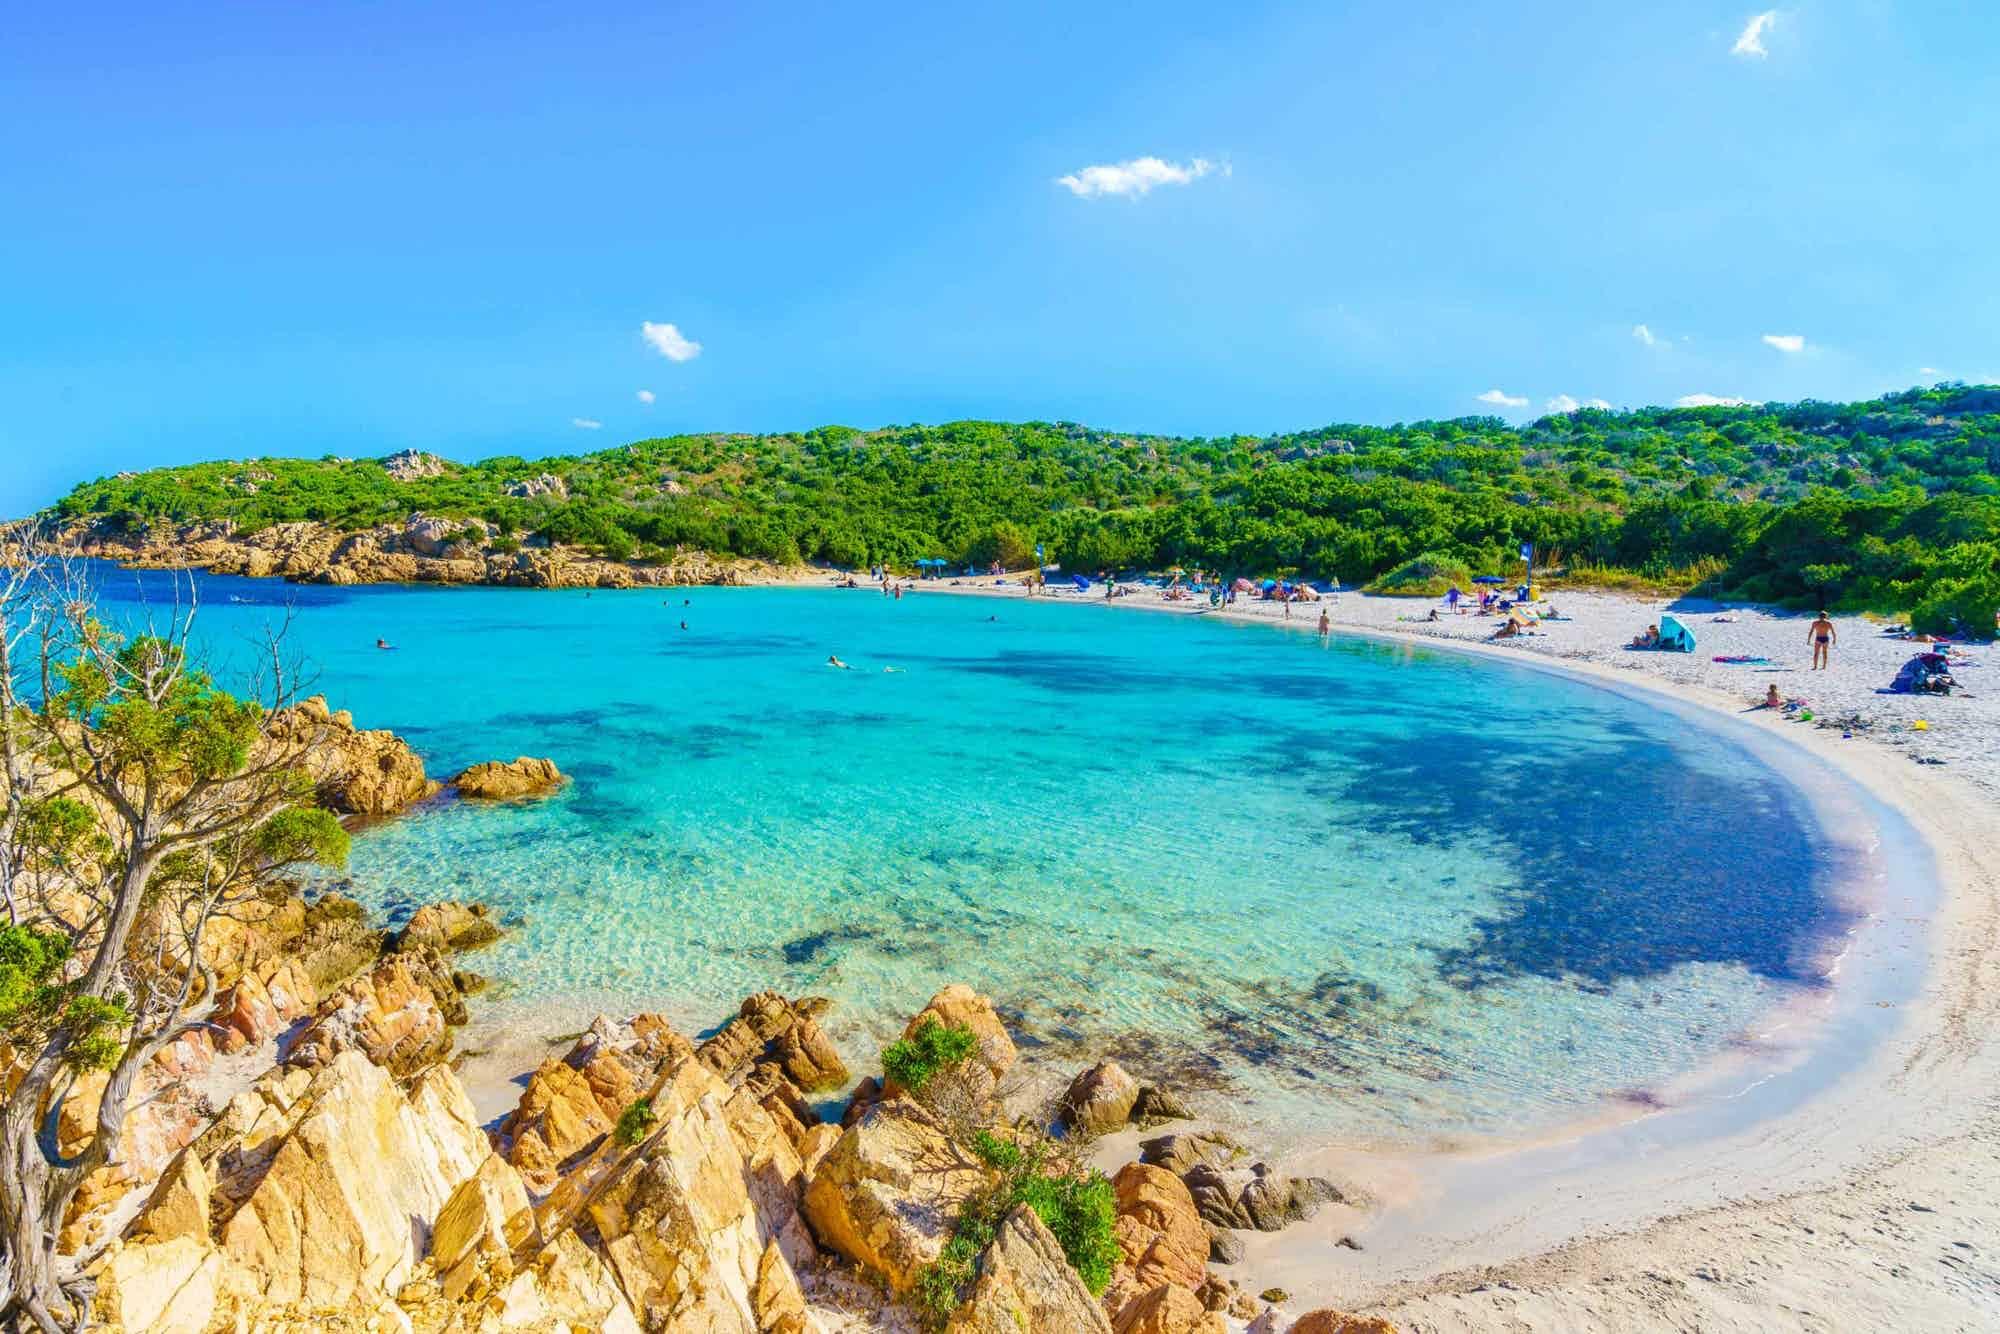 Campervan hire in Sardinia for a unique Mediterranean holiday